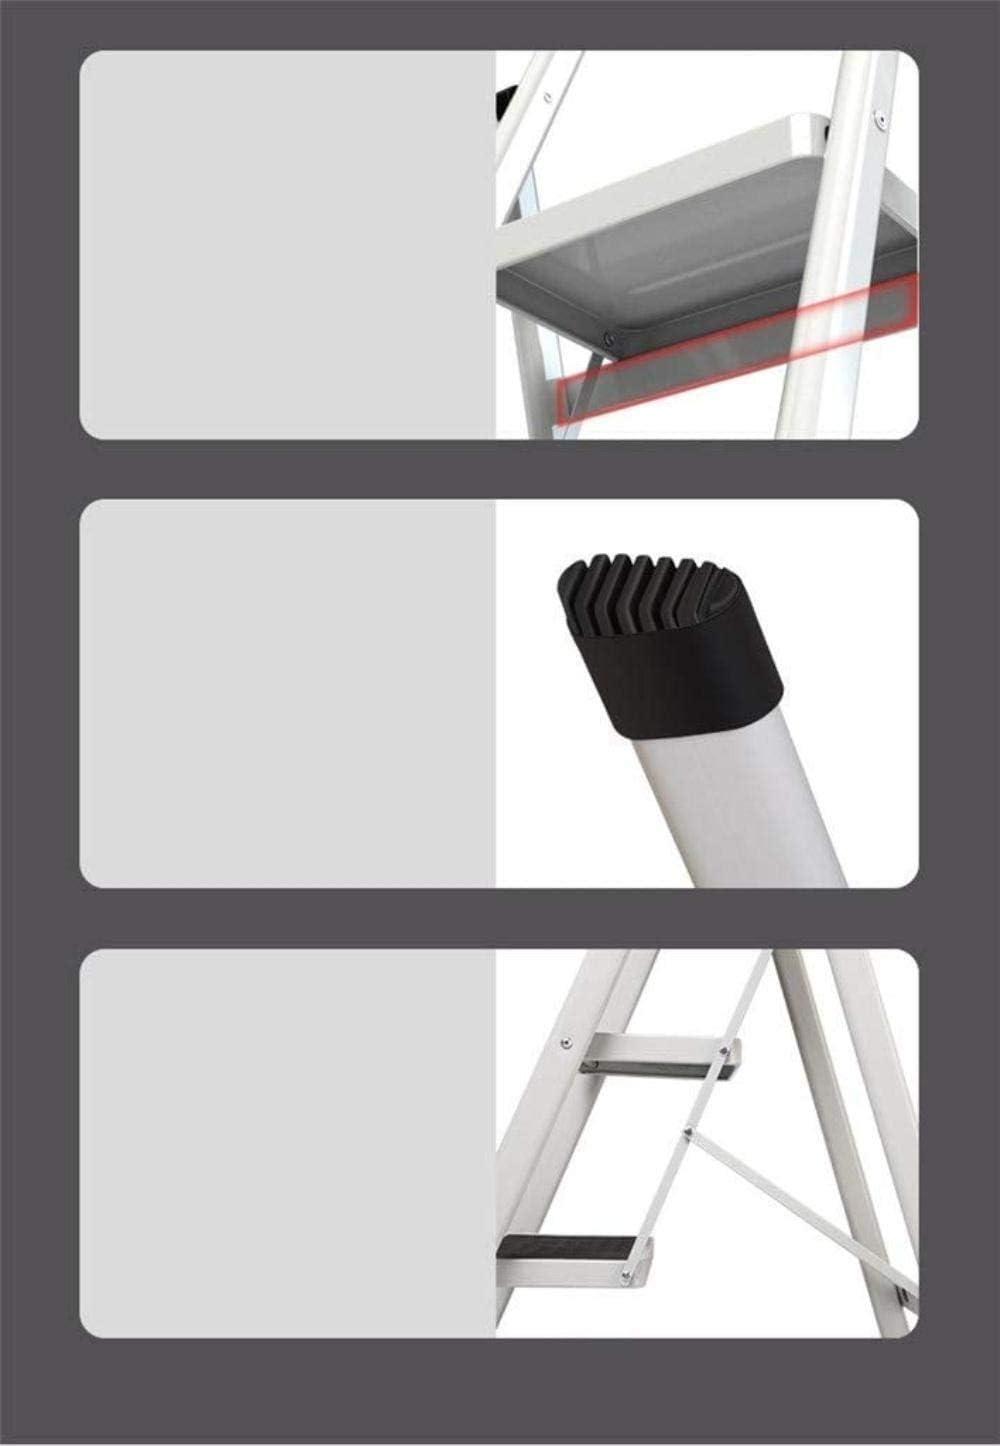 Panier sale Escabeau Métal Ladder en Quatre étapes, intérieur à Sens Unique escabeaux ingénierie Ladder Tabouret chaises Pliantes (Color : Red) White